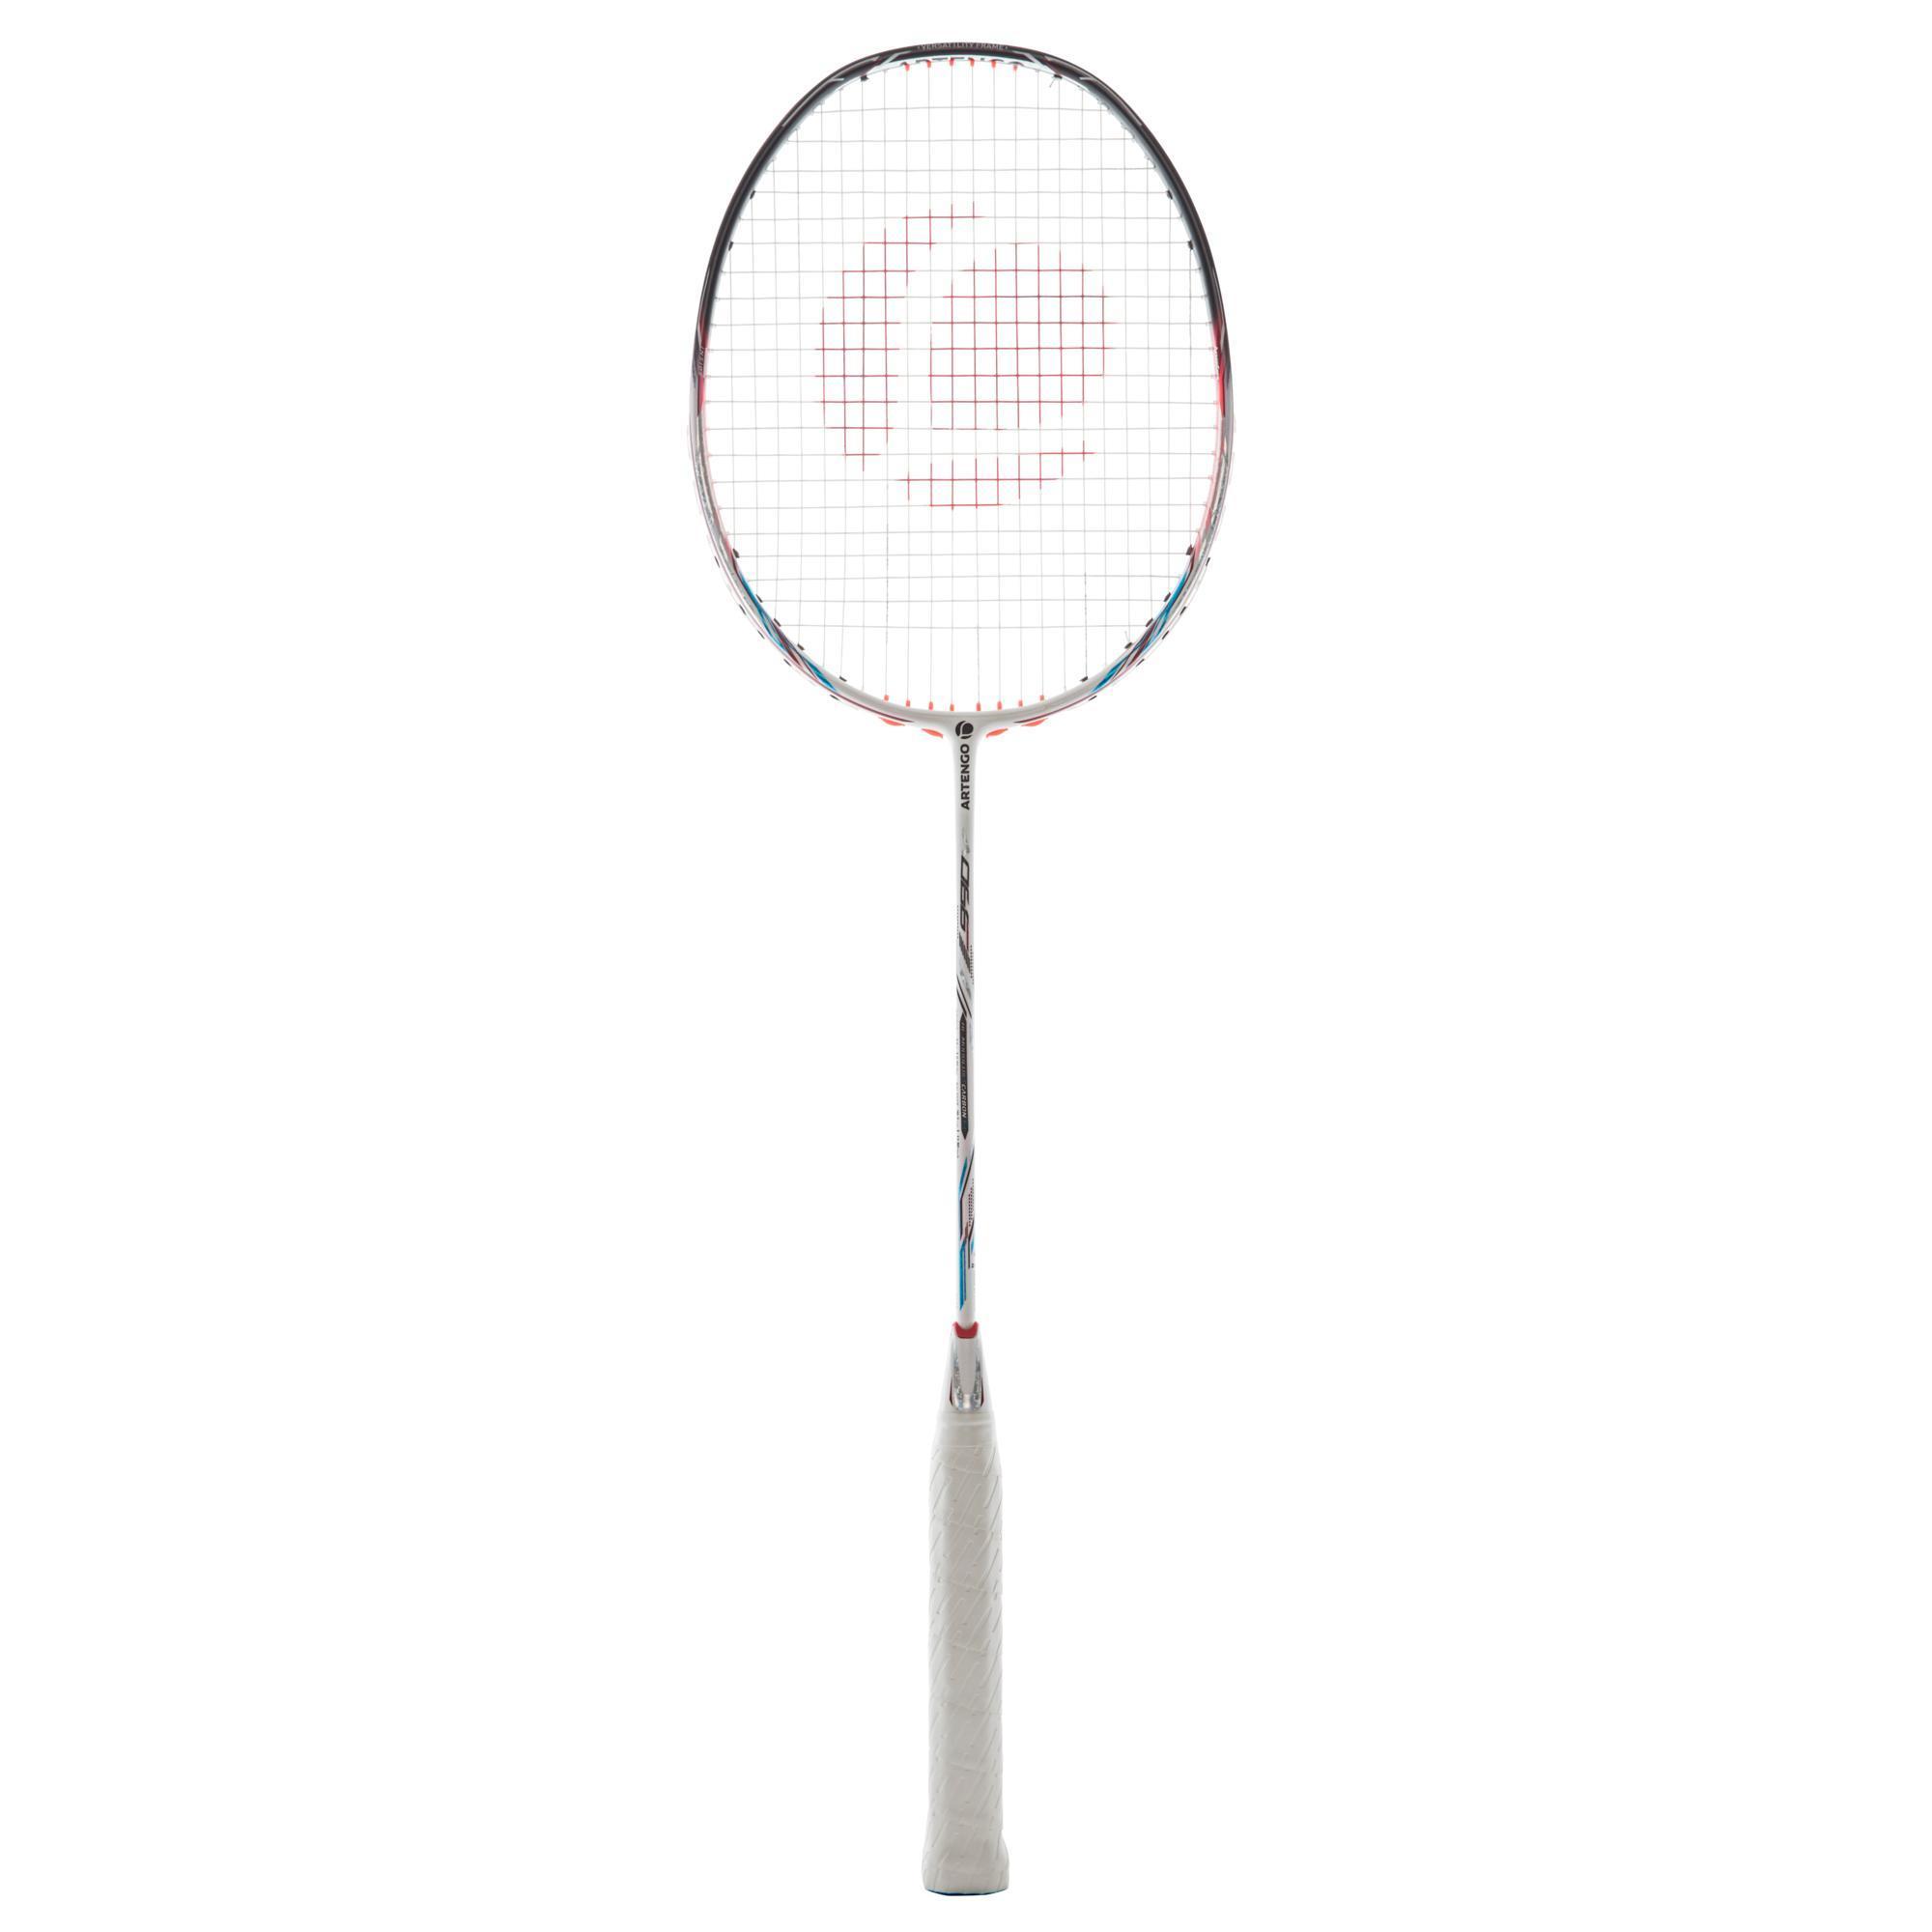 Perfly Badmintonracket BR 990 V voor volwassenen wit kopen